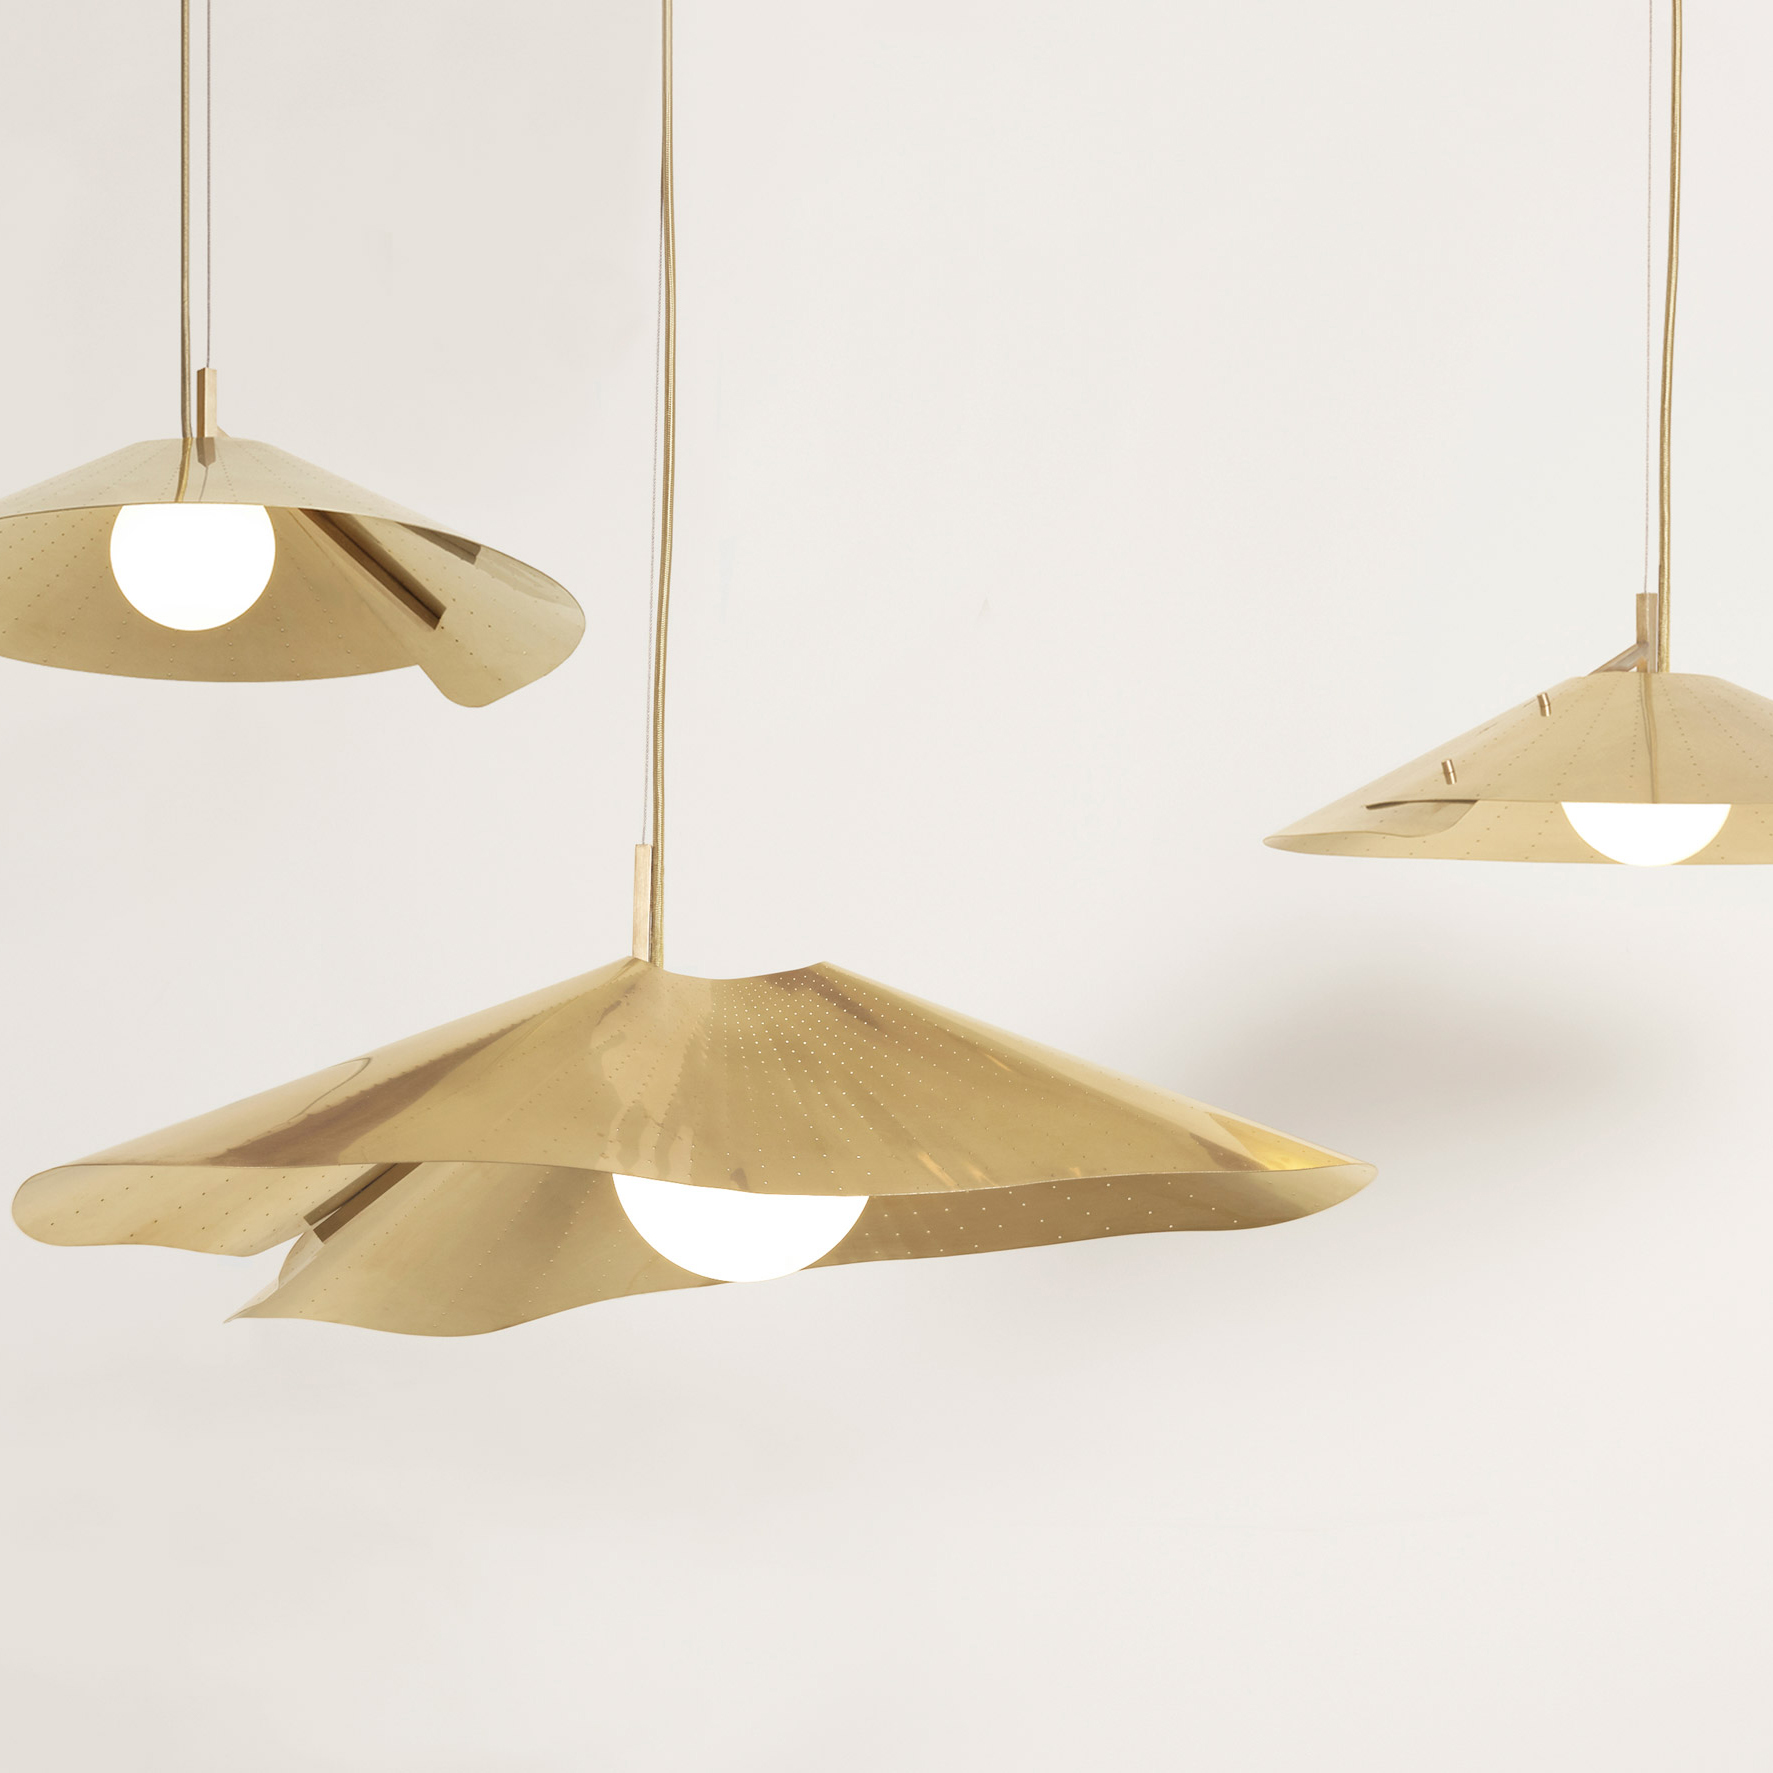 Compas Pendants by Paolo Fancelli for Atelier de Troupe